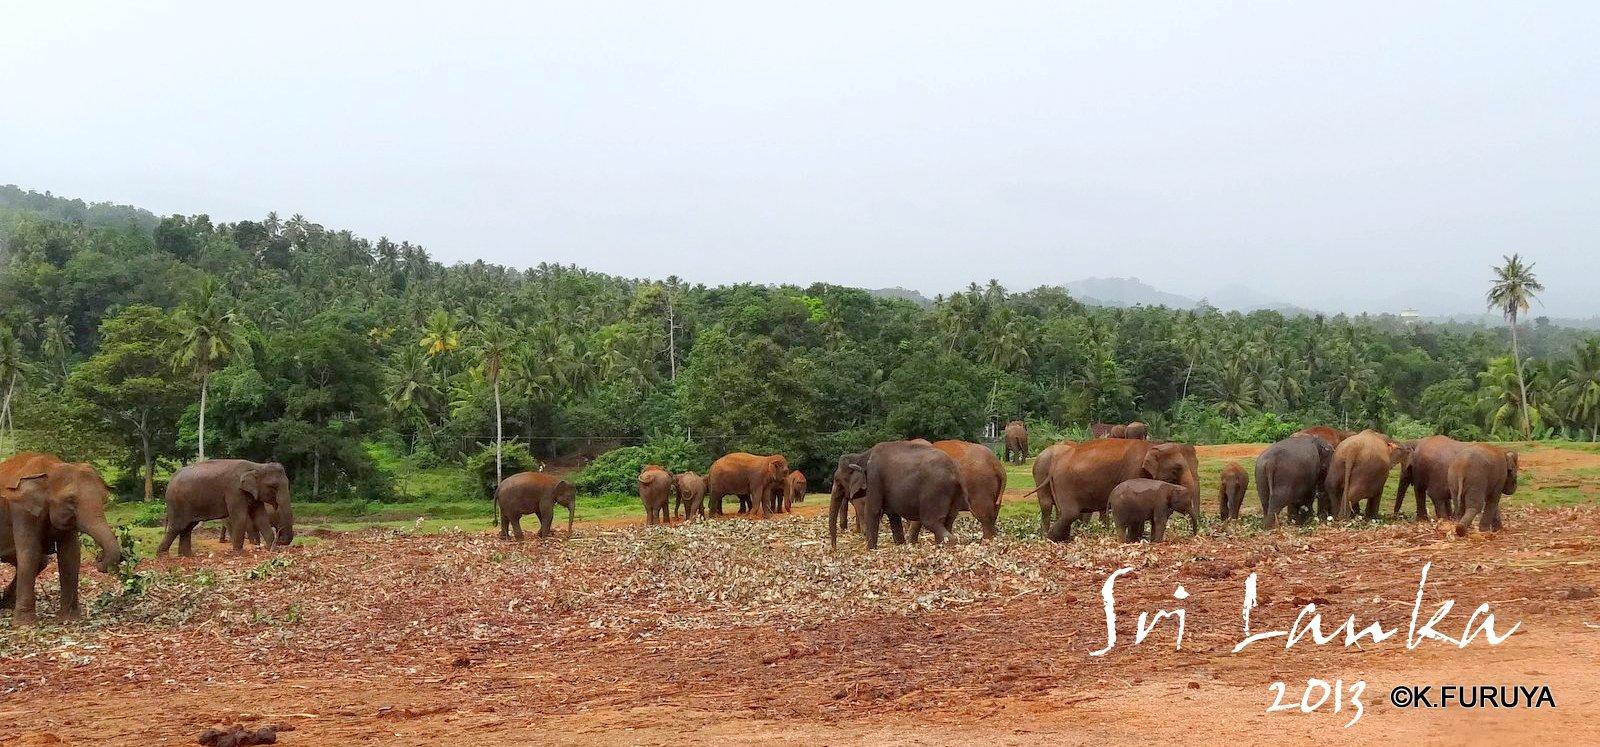 スリランカ旅行記 12 象の孤児院_a0092659_20521711.jpg